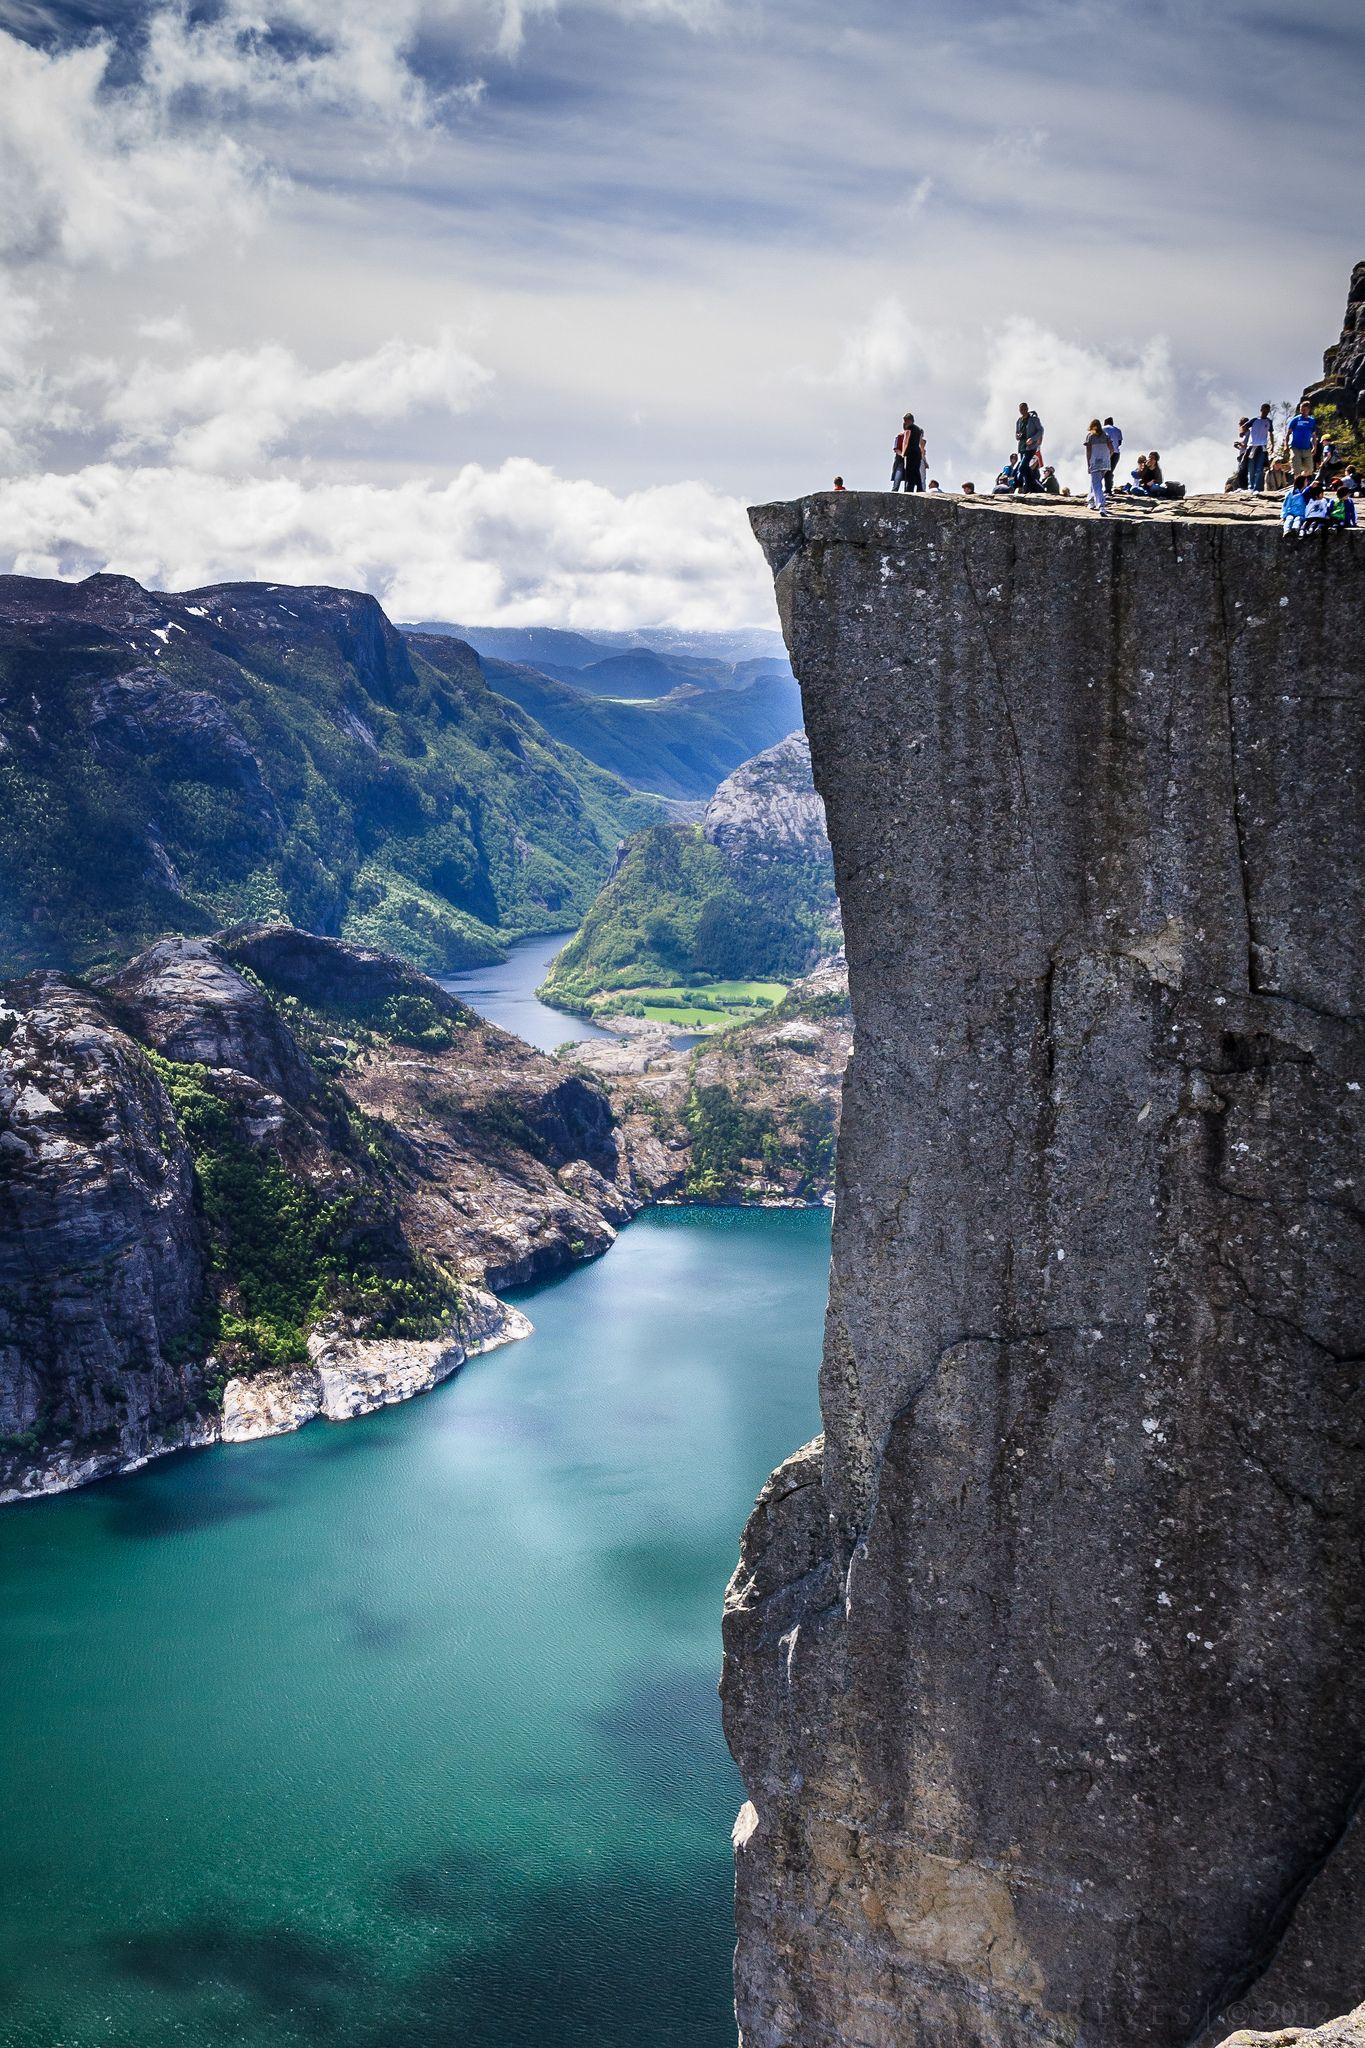 норвегия красивые места фото производители ловко заманивают